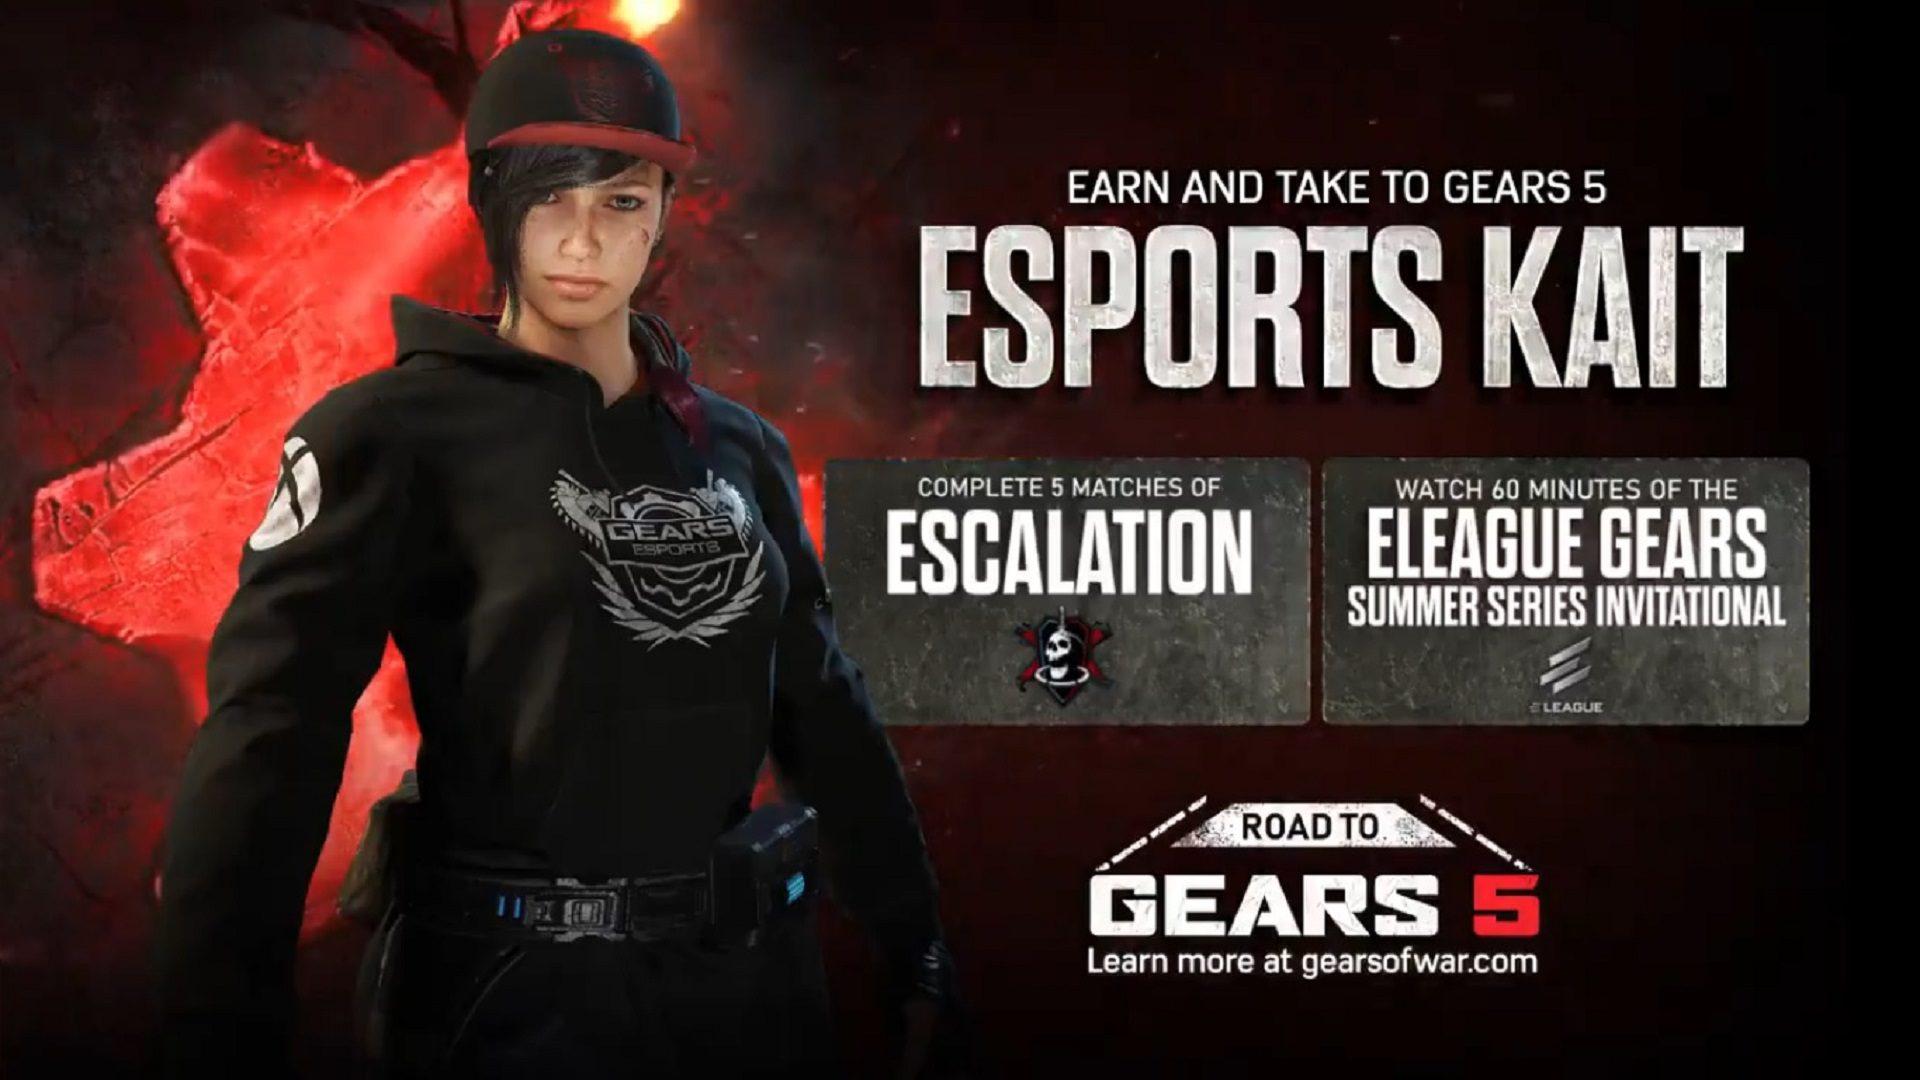 Sigue el camino a Gears 5 consiguiendo a Kait eSports